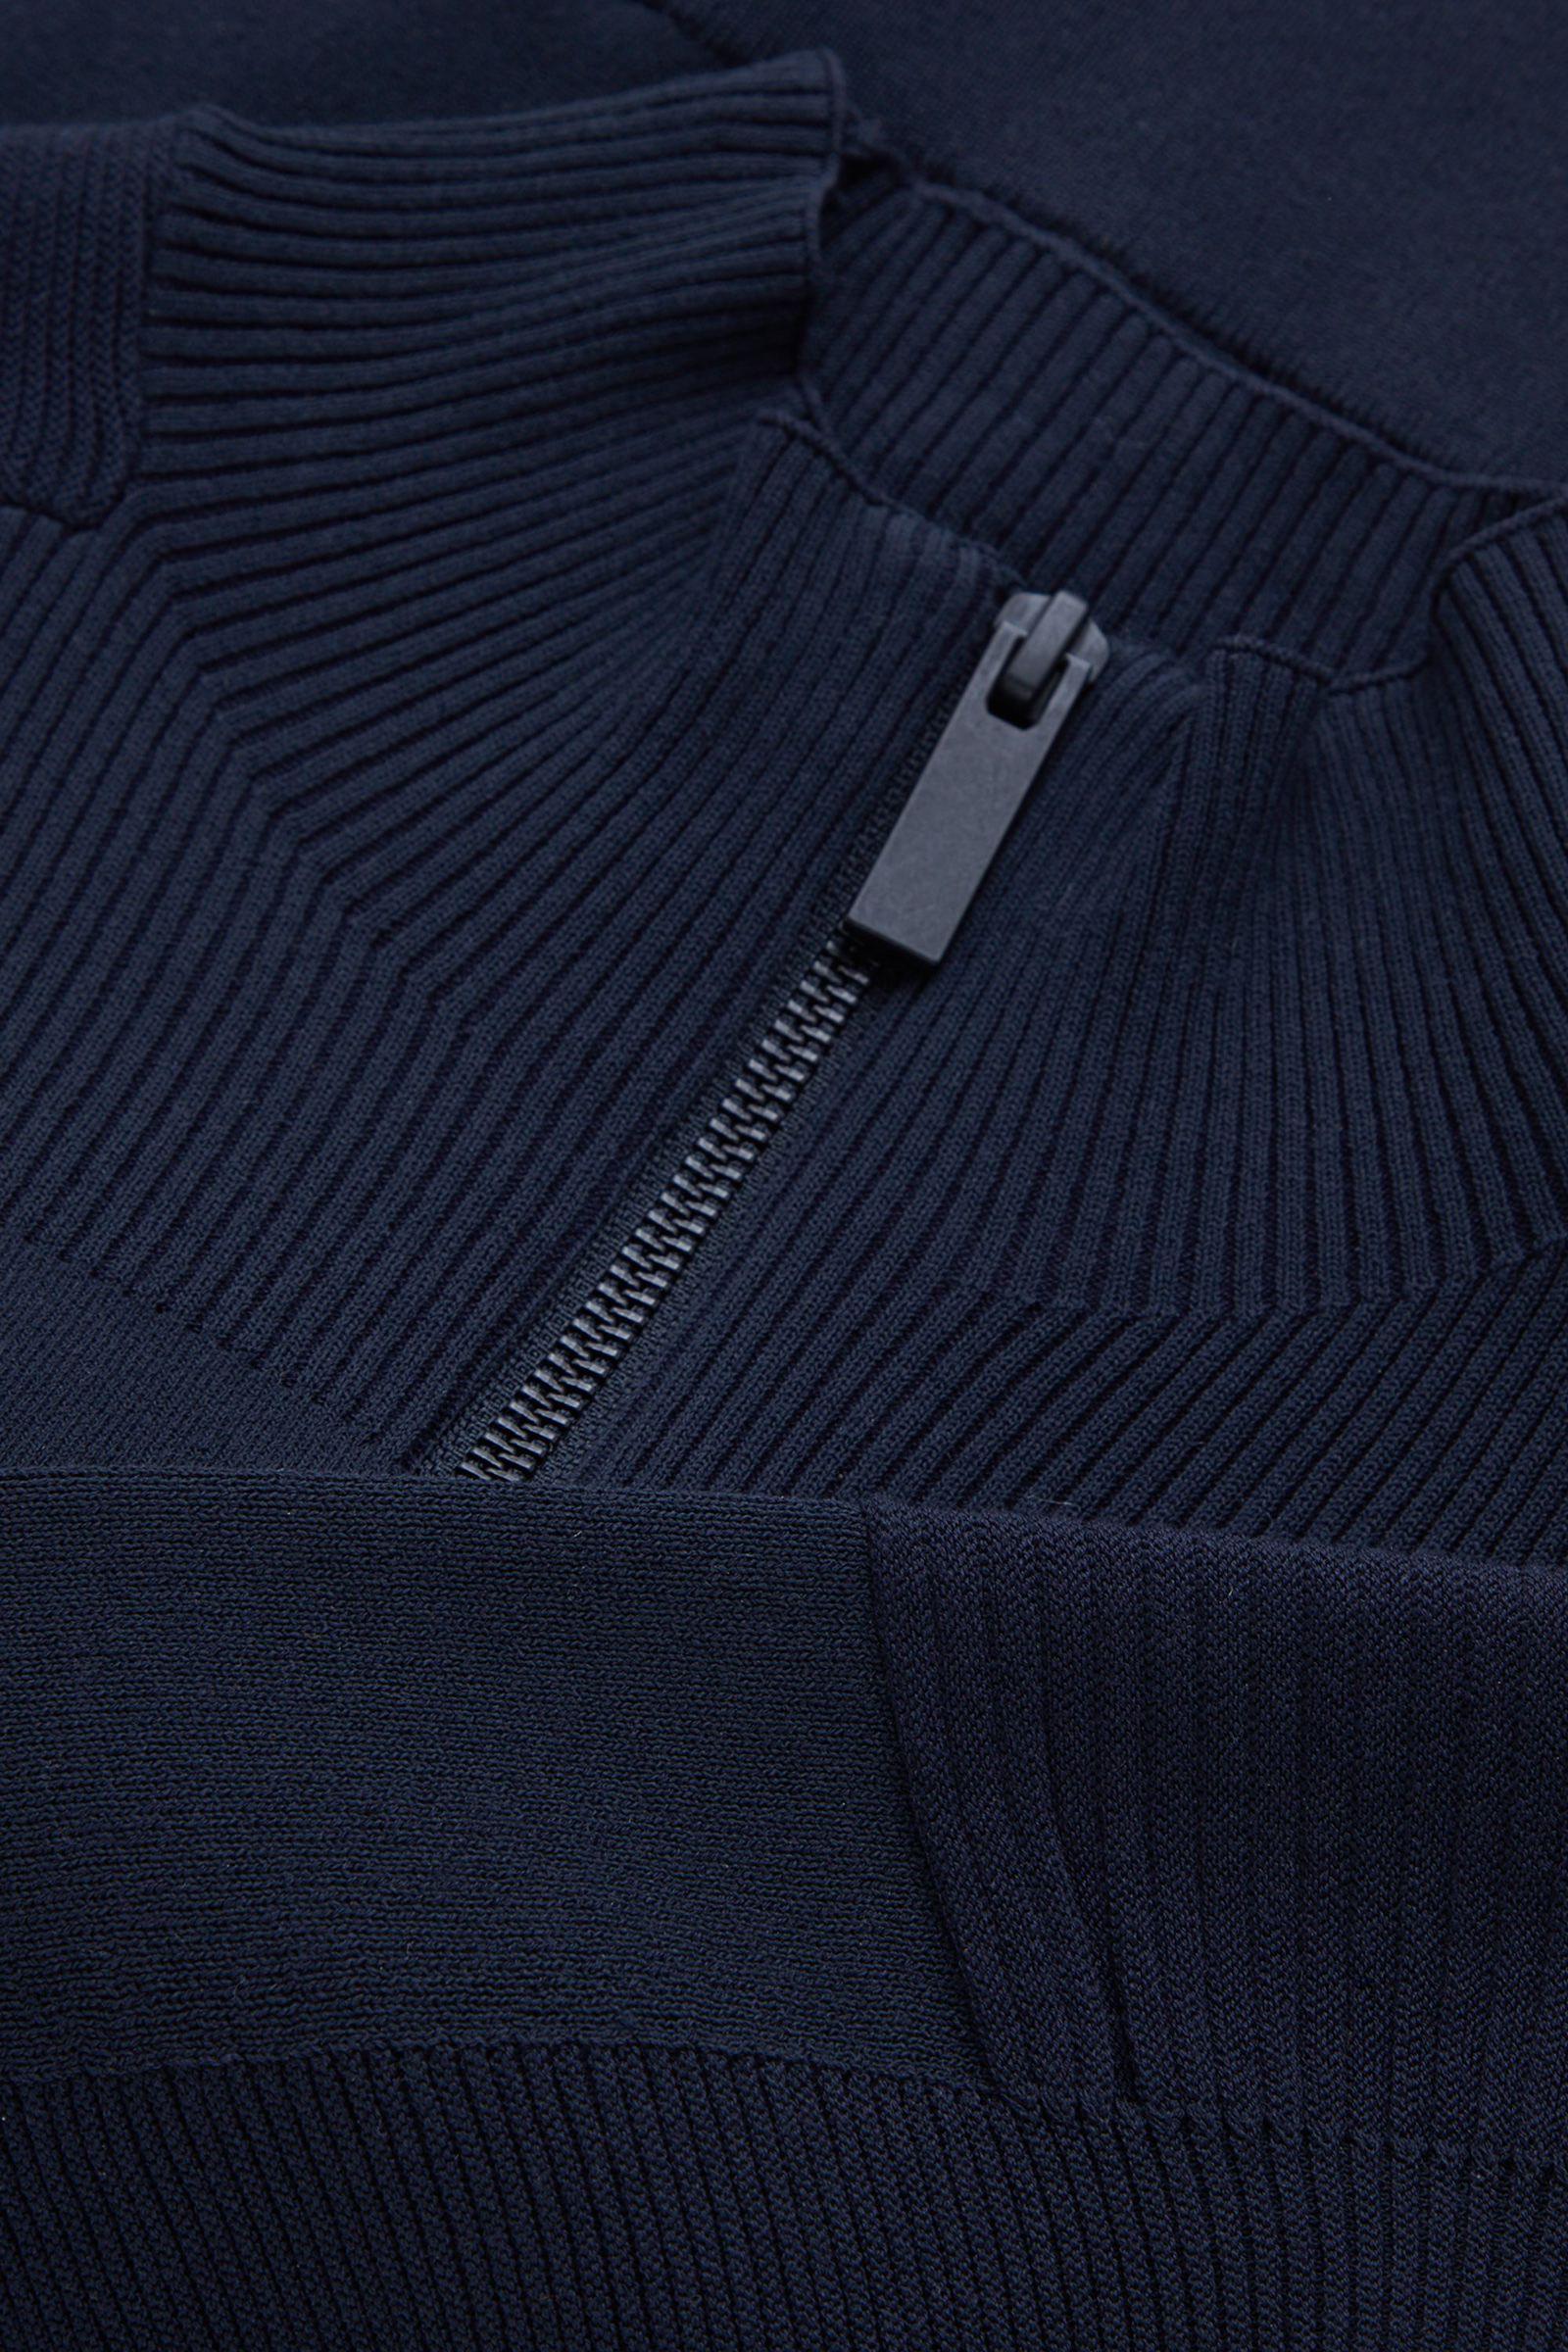 COS 오가닉 코튼 믹스 엔지니어 재킷의 네이비컬러 Detail입니다.